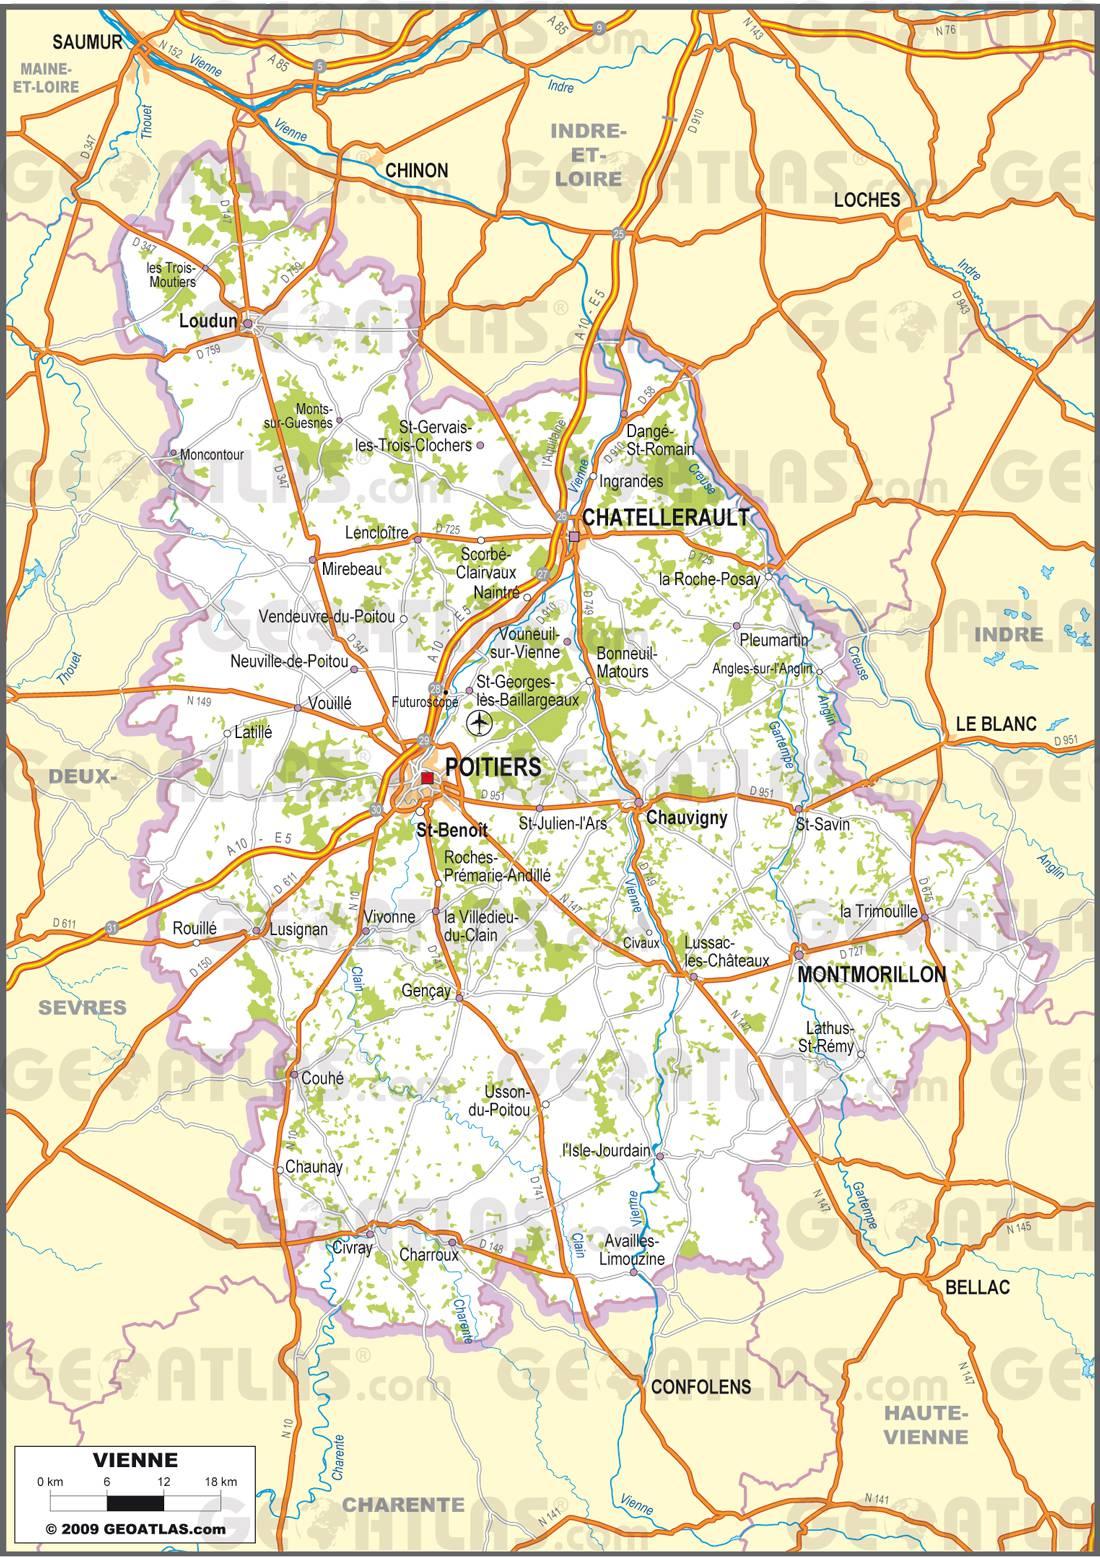 Carte routiere vienne imvt for Plan de la vienne 86000